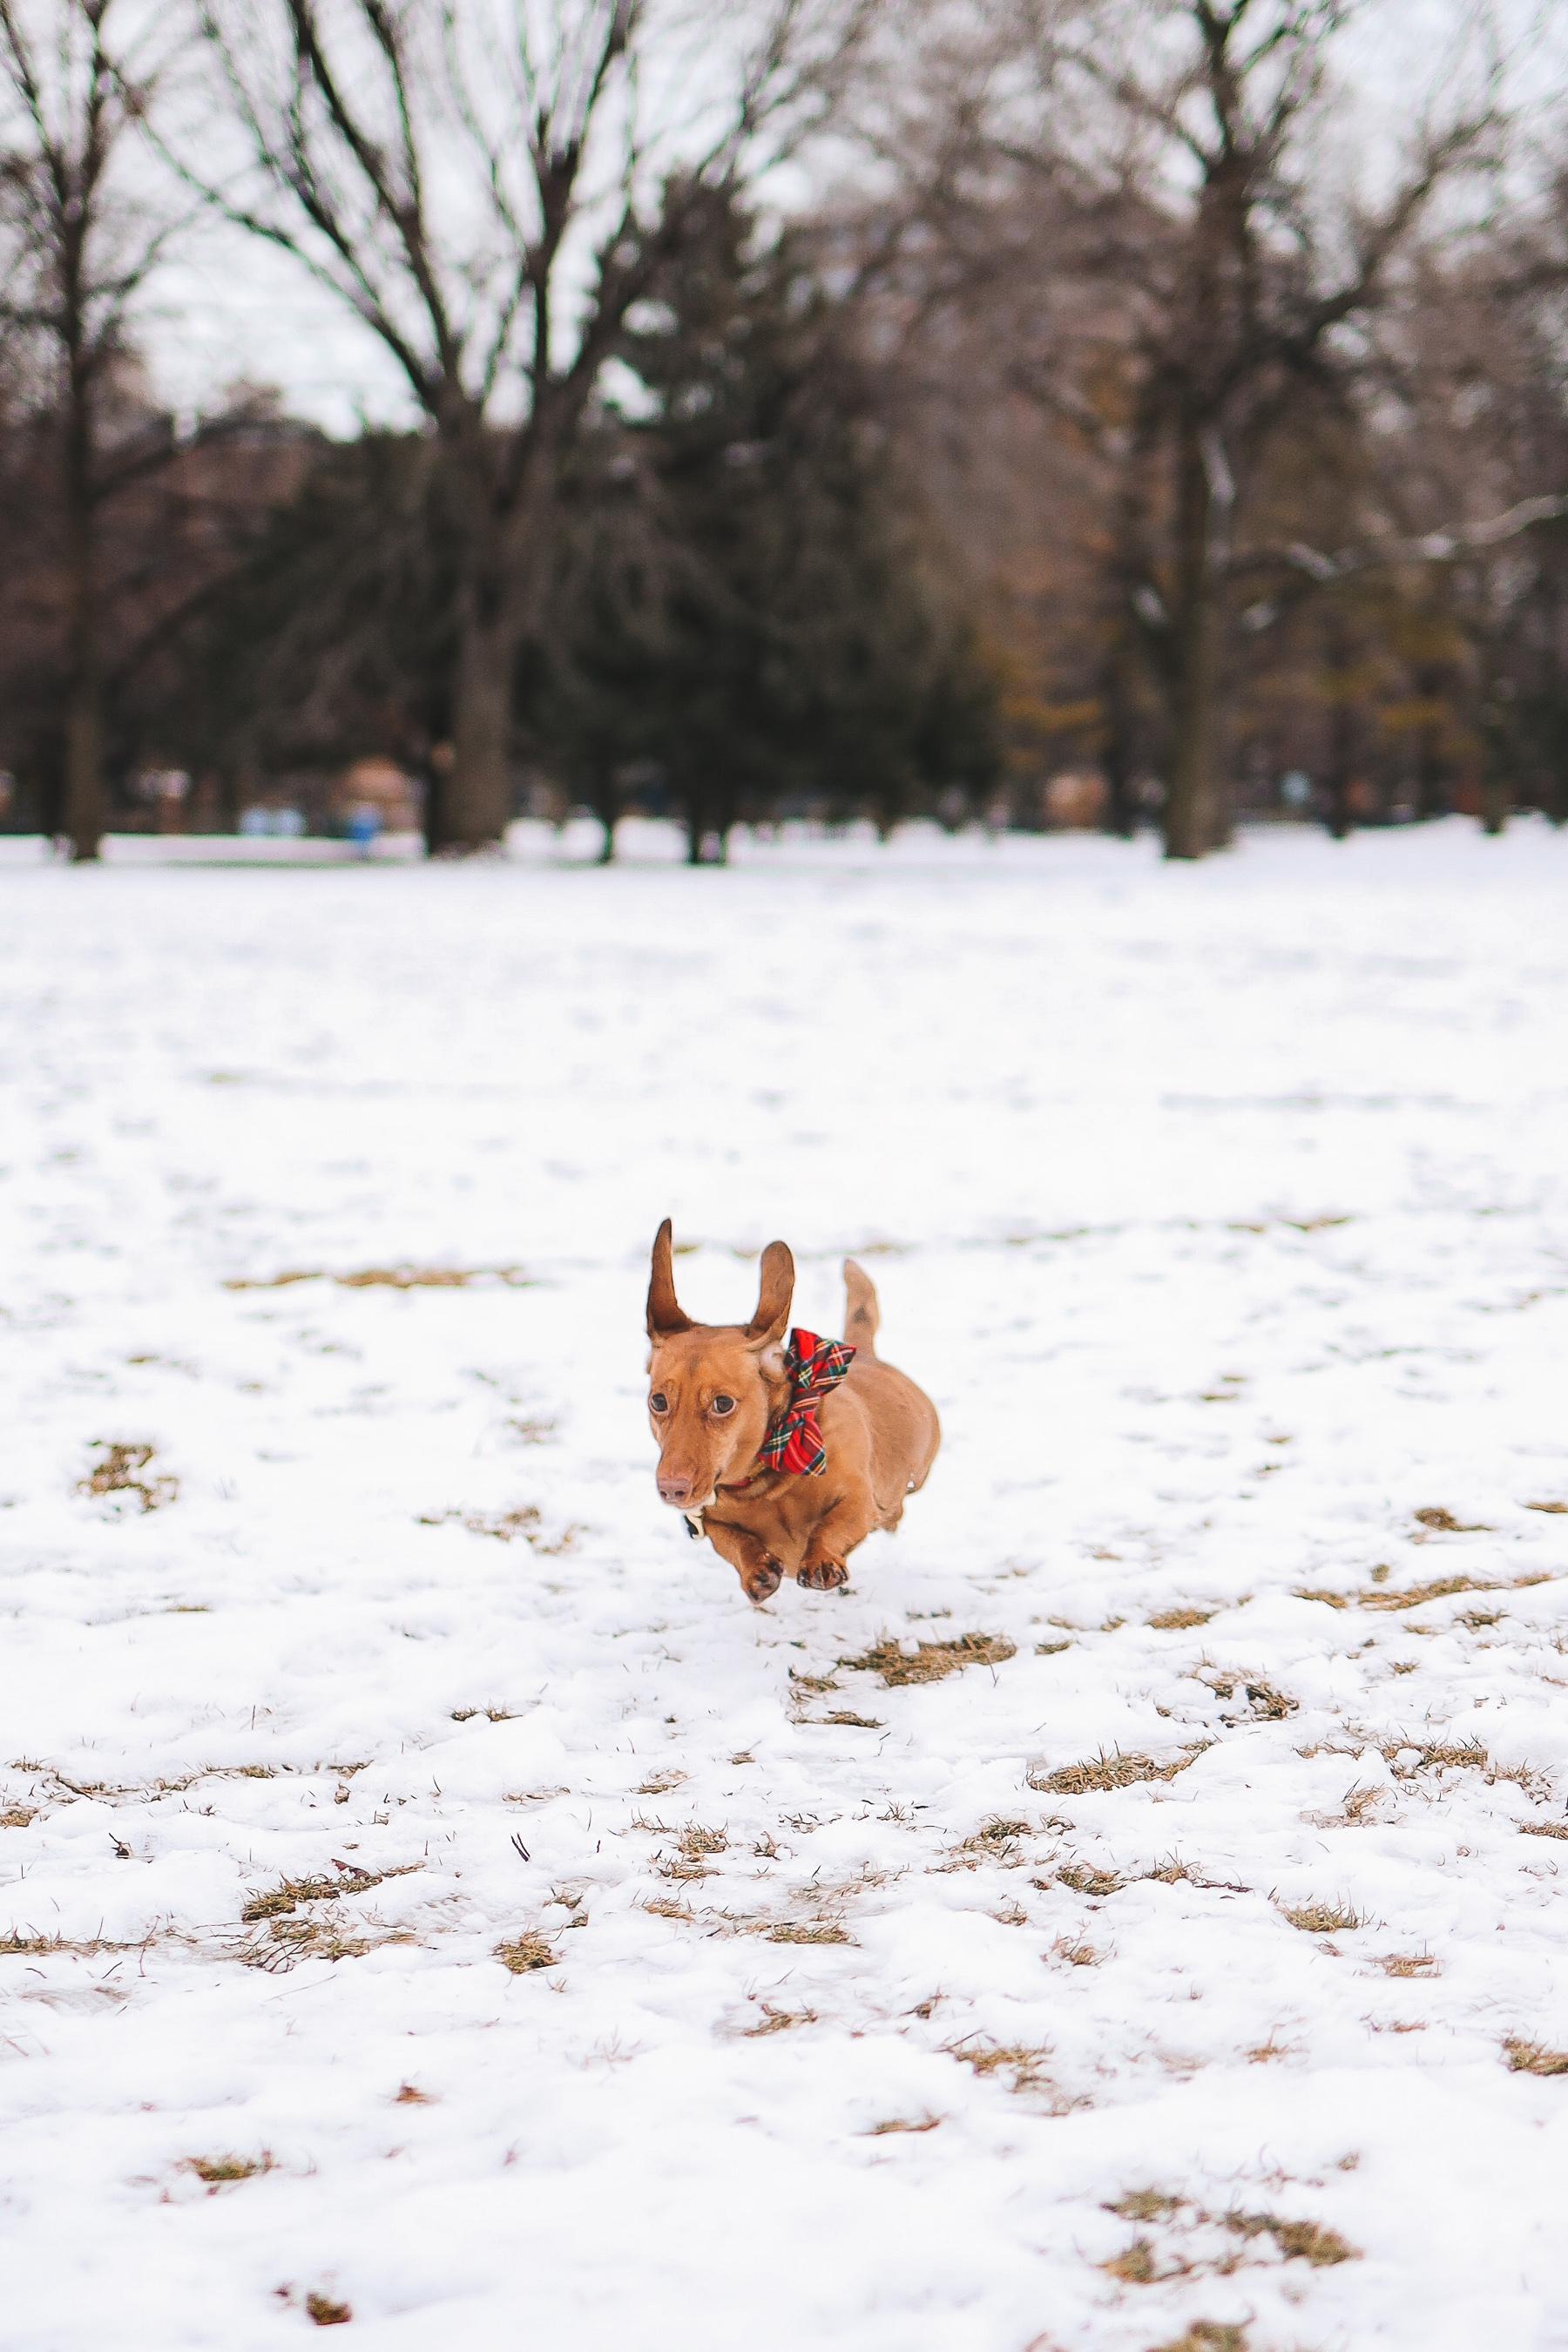 dog on the snow | Oz Park Snow Day